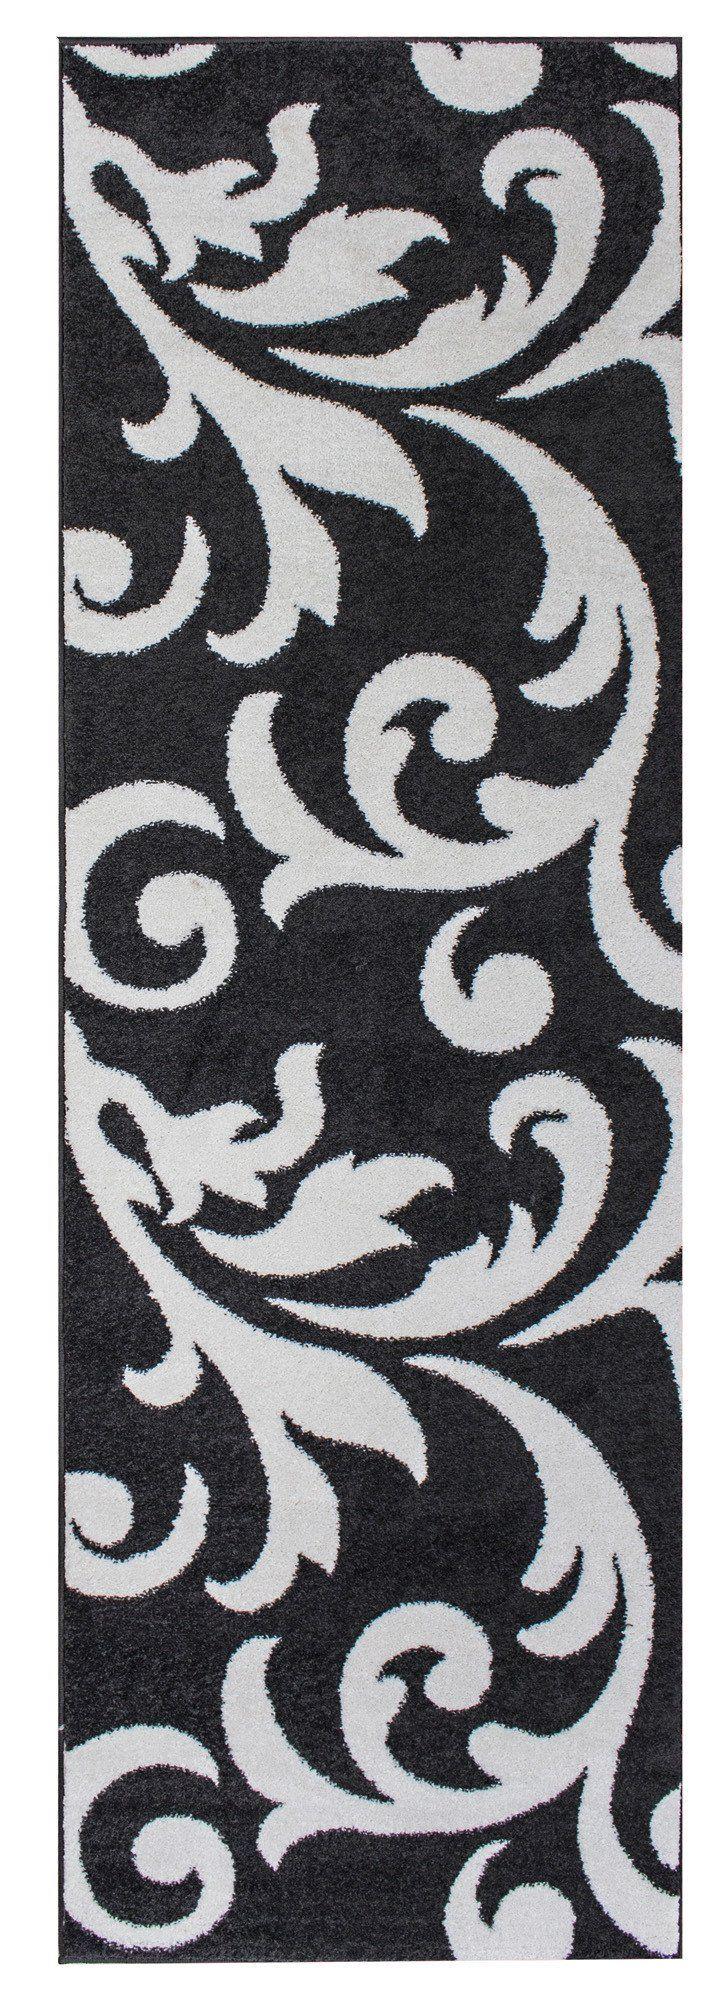 Metro Dark Grey & White Floral Damask Rug